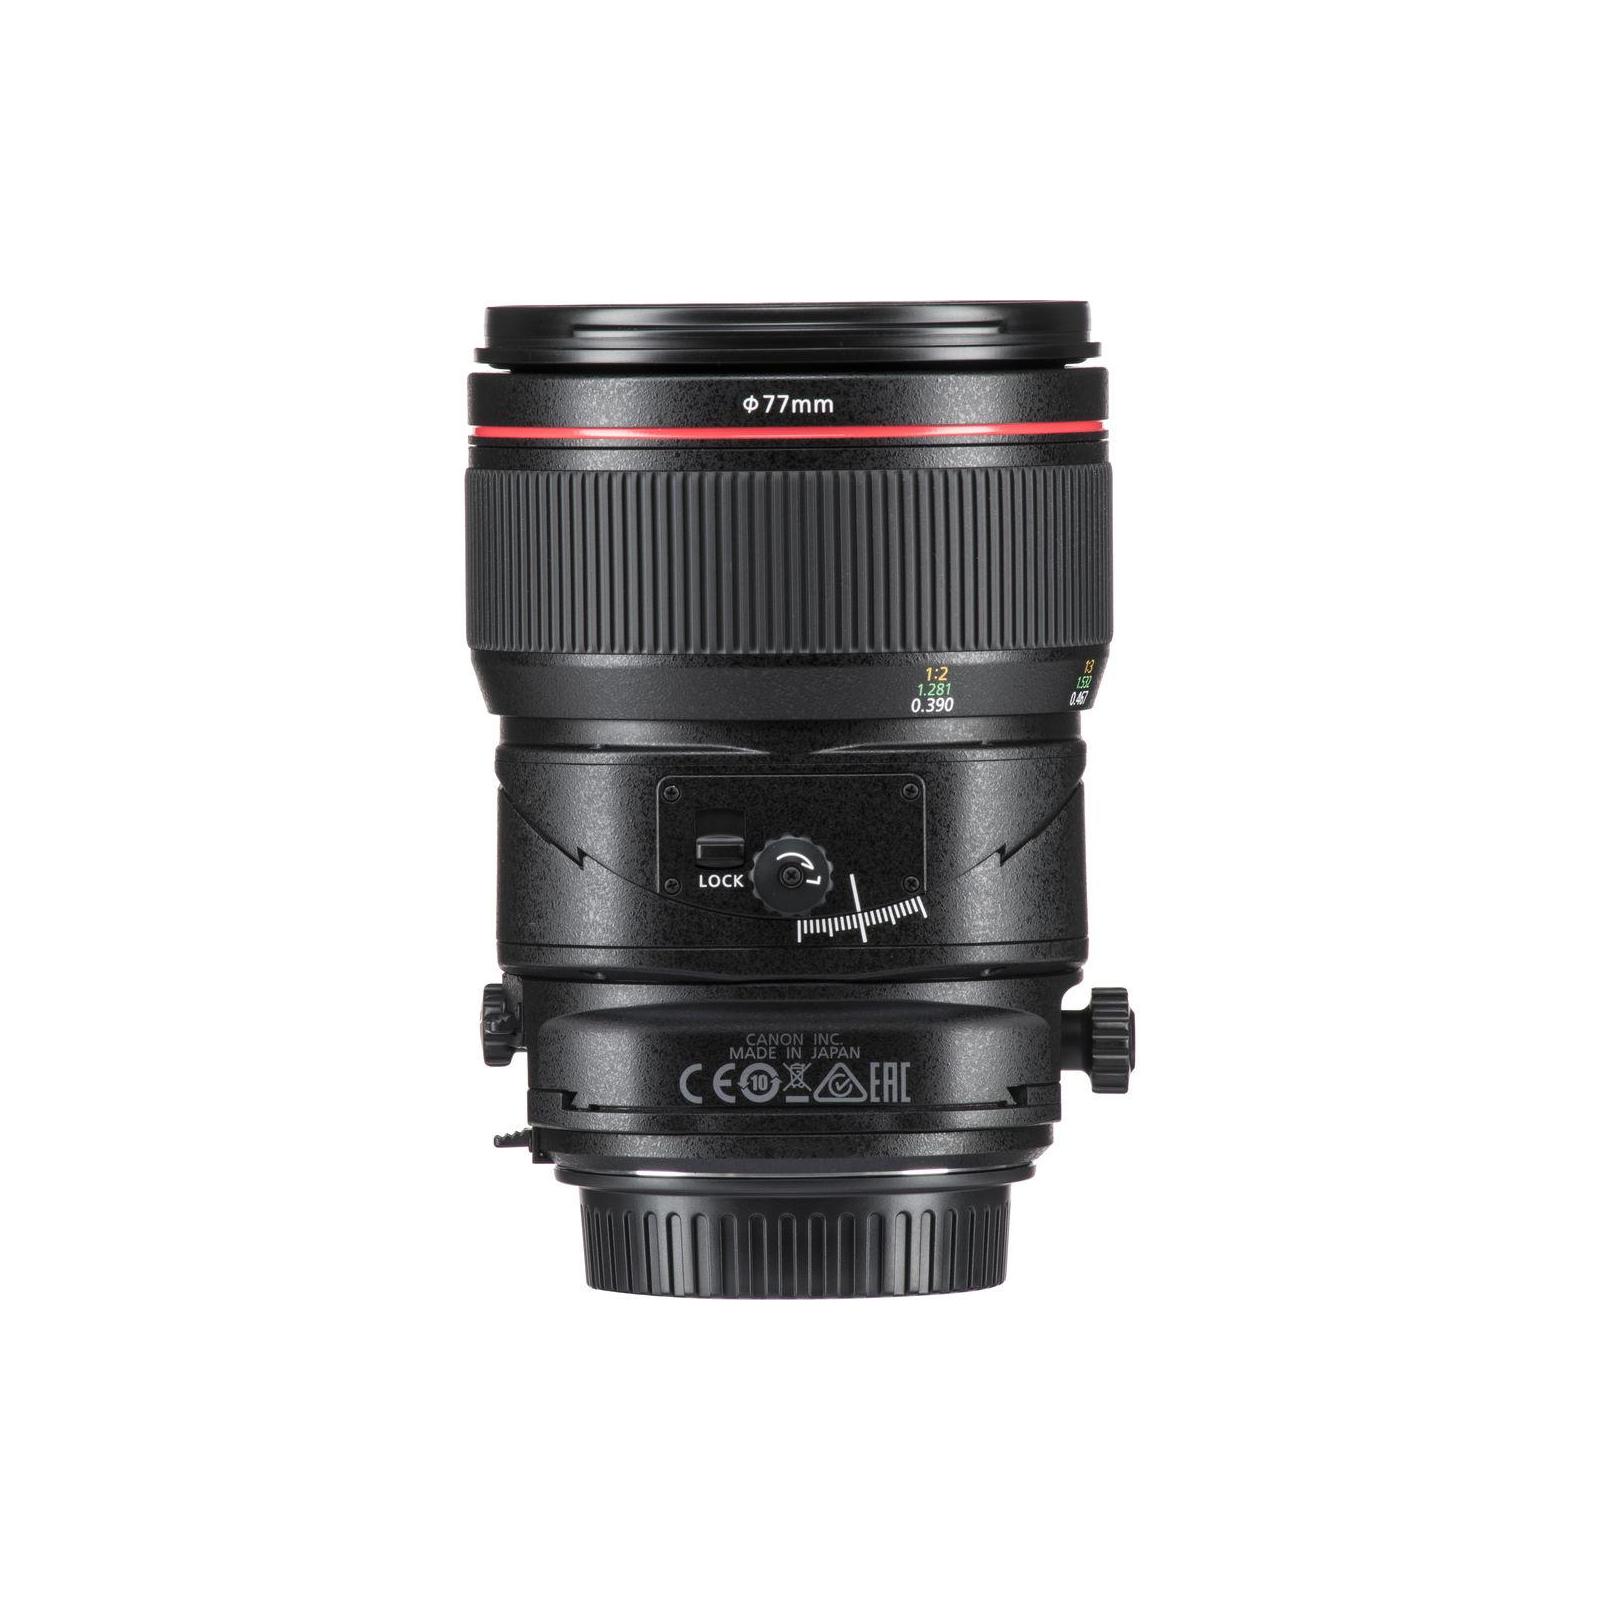 Объектив Canon TS-E 90mm f/2.8 L Macro (2274C005) изображение 5